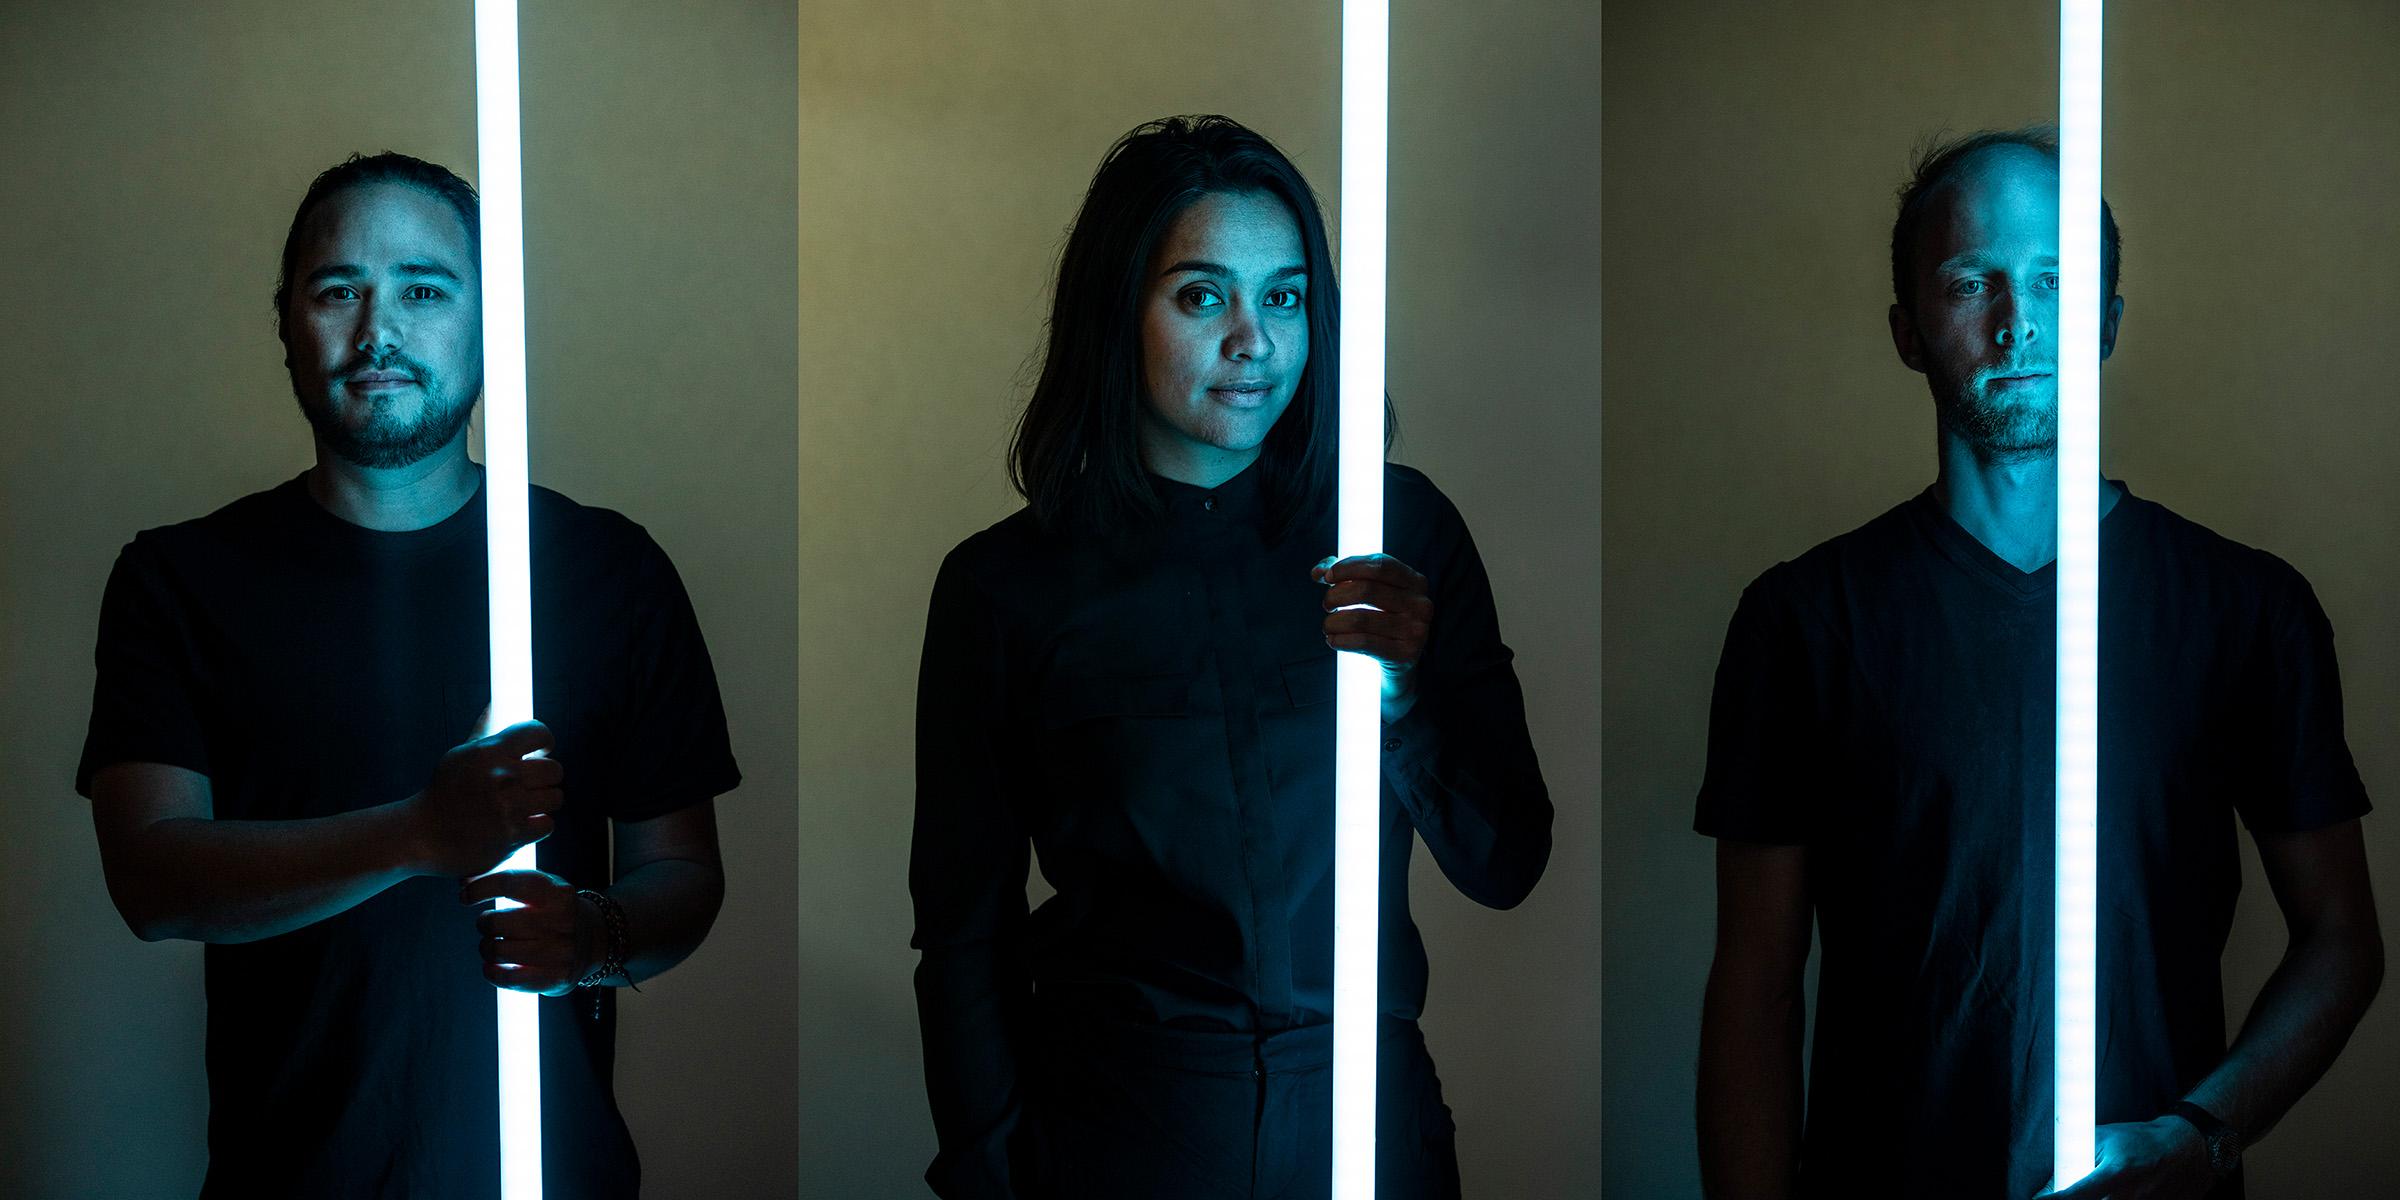 Editorial location portrait creative photography amigo&amigo team Renzo Simone Chris holding fluorescent tube light